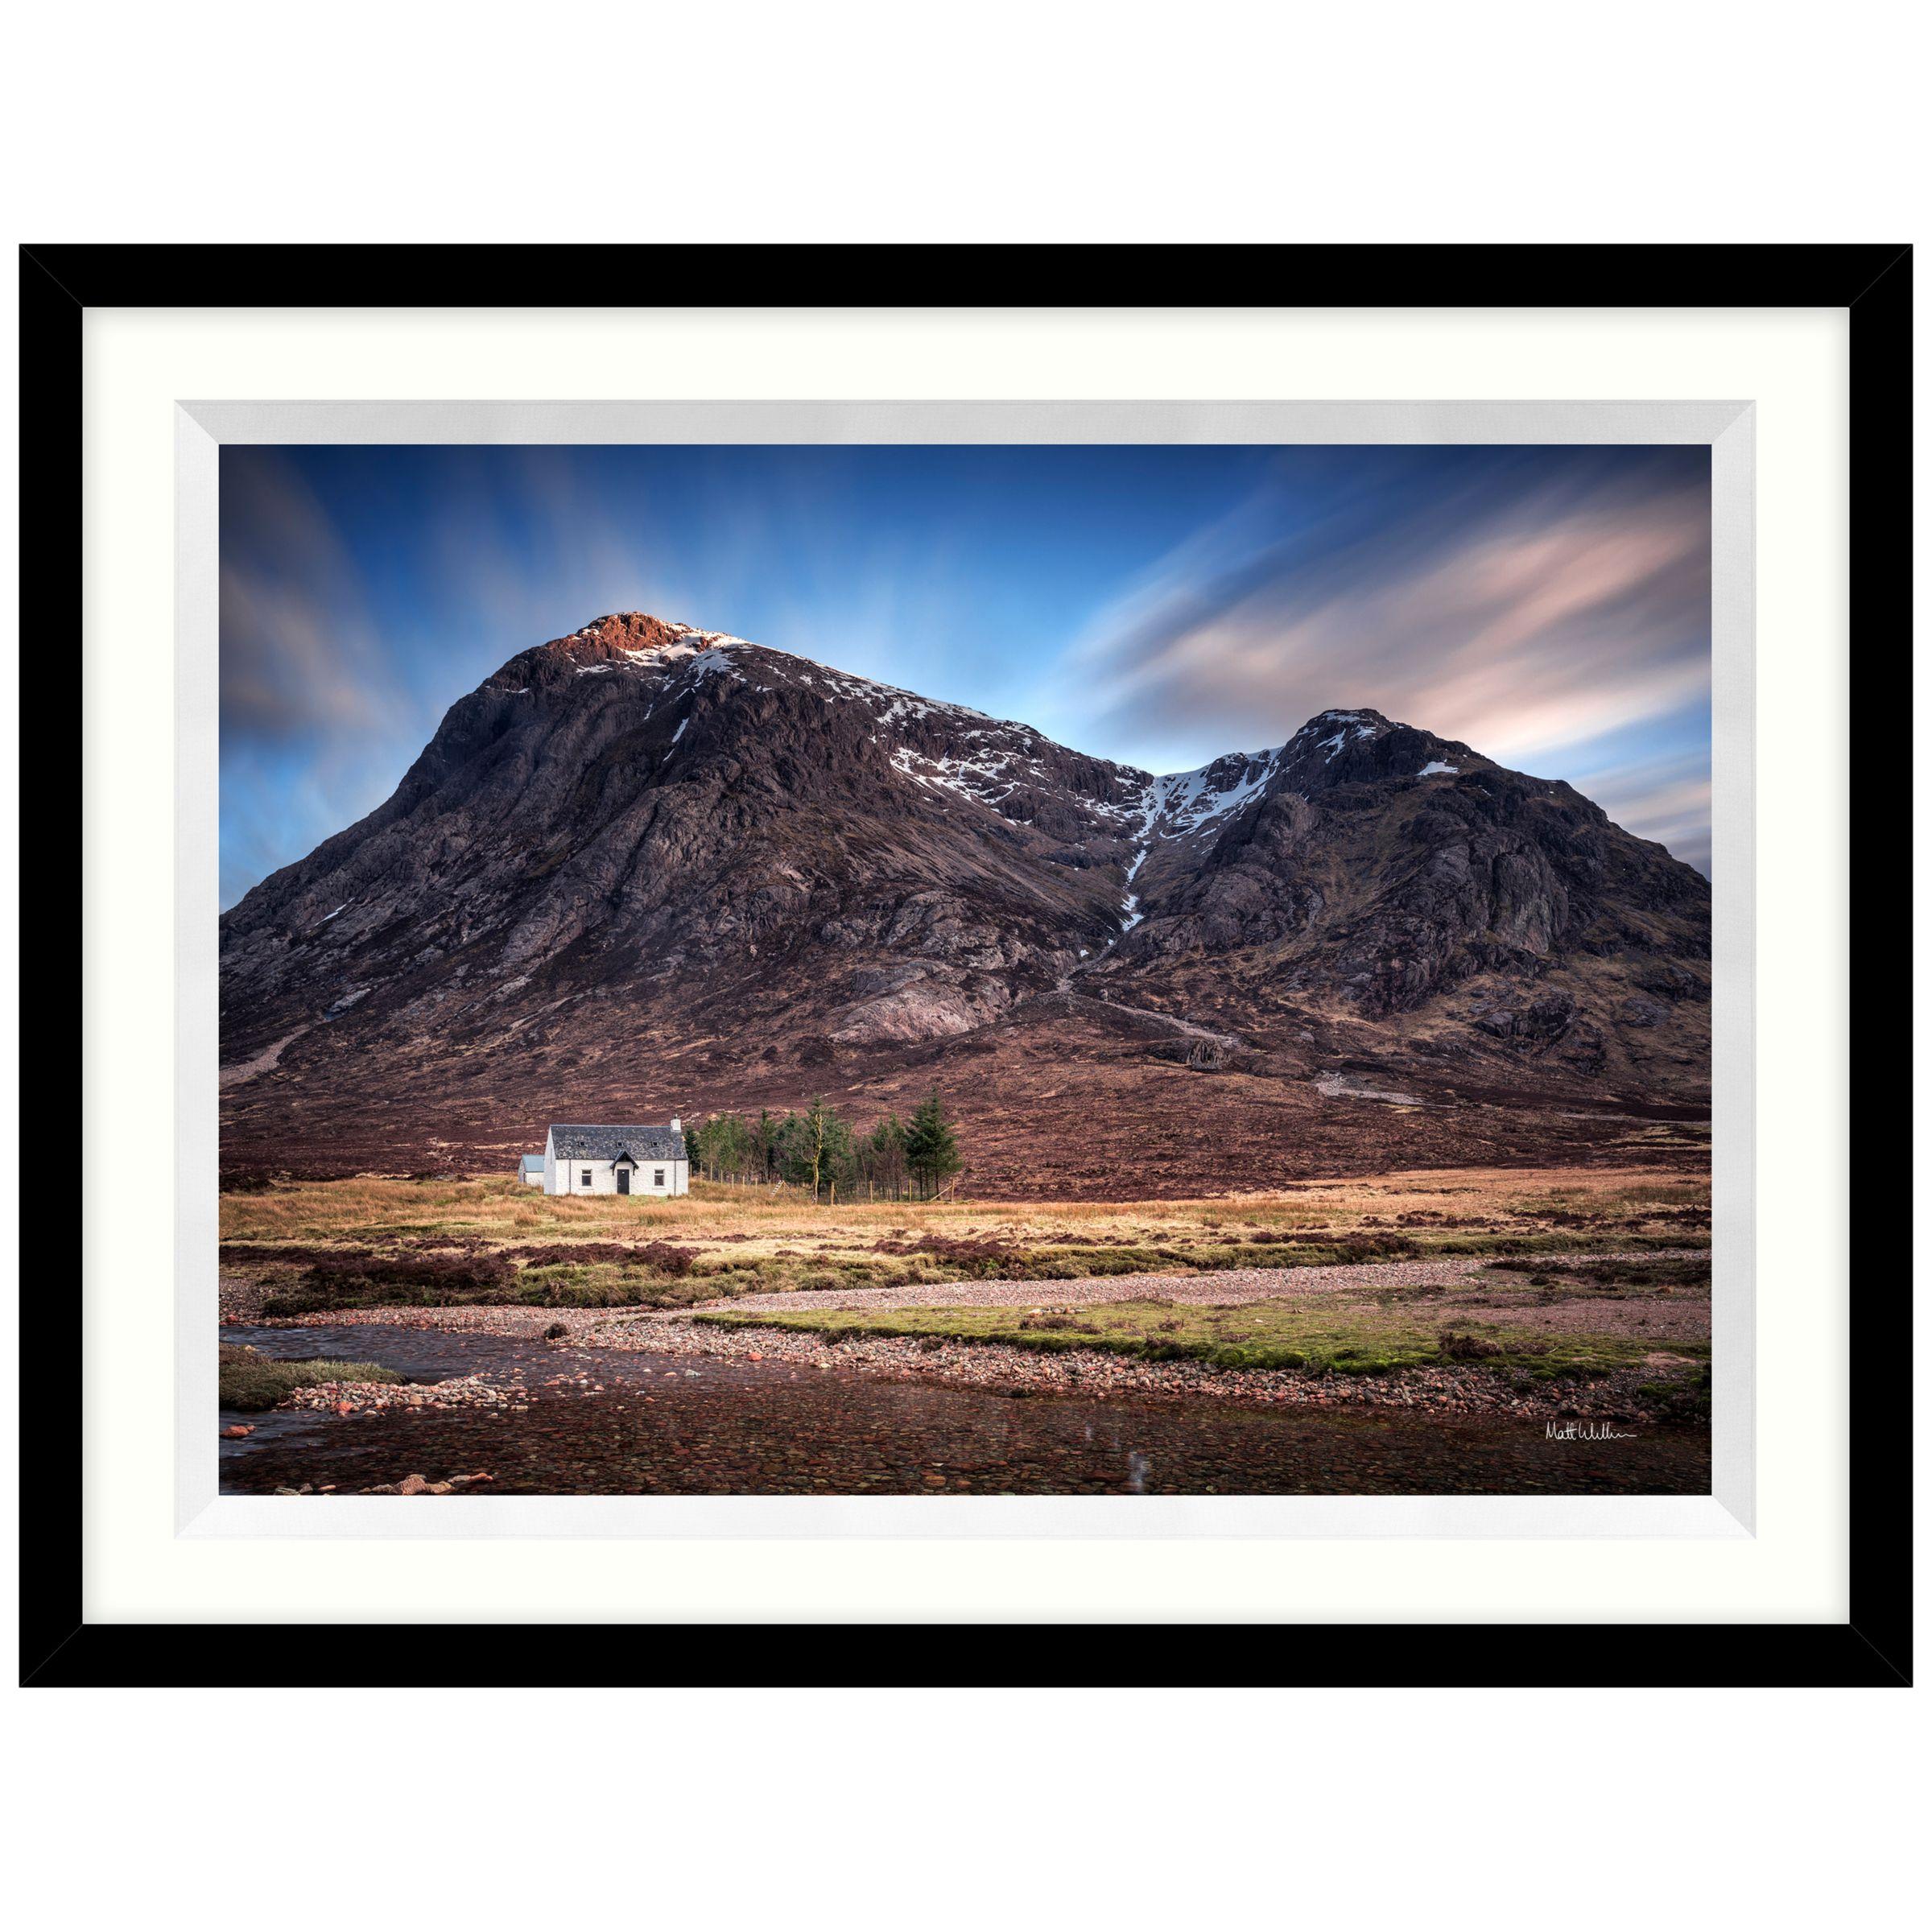 John Lewis Matthew Wilkinson - Etive Mor Cottage Framed Print, 84 x 64cm